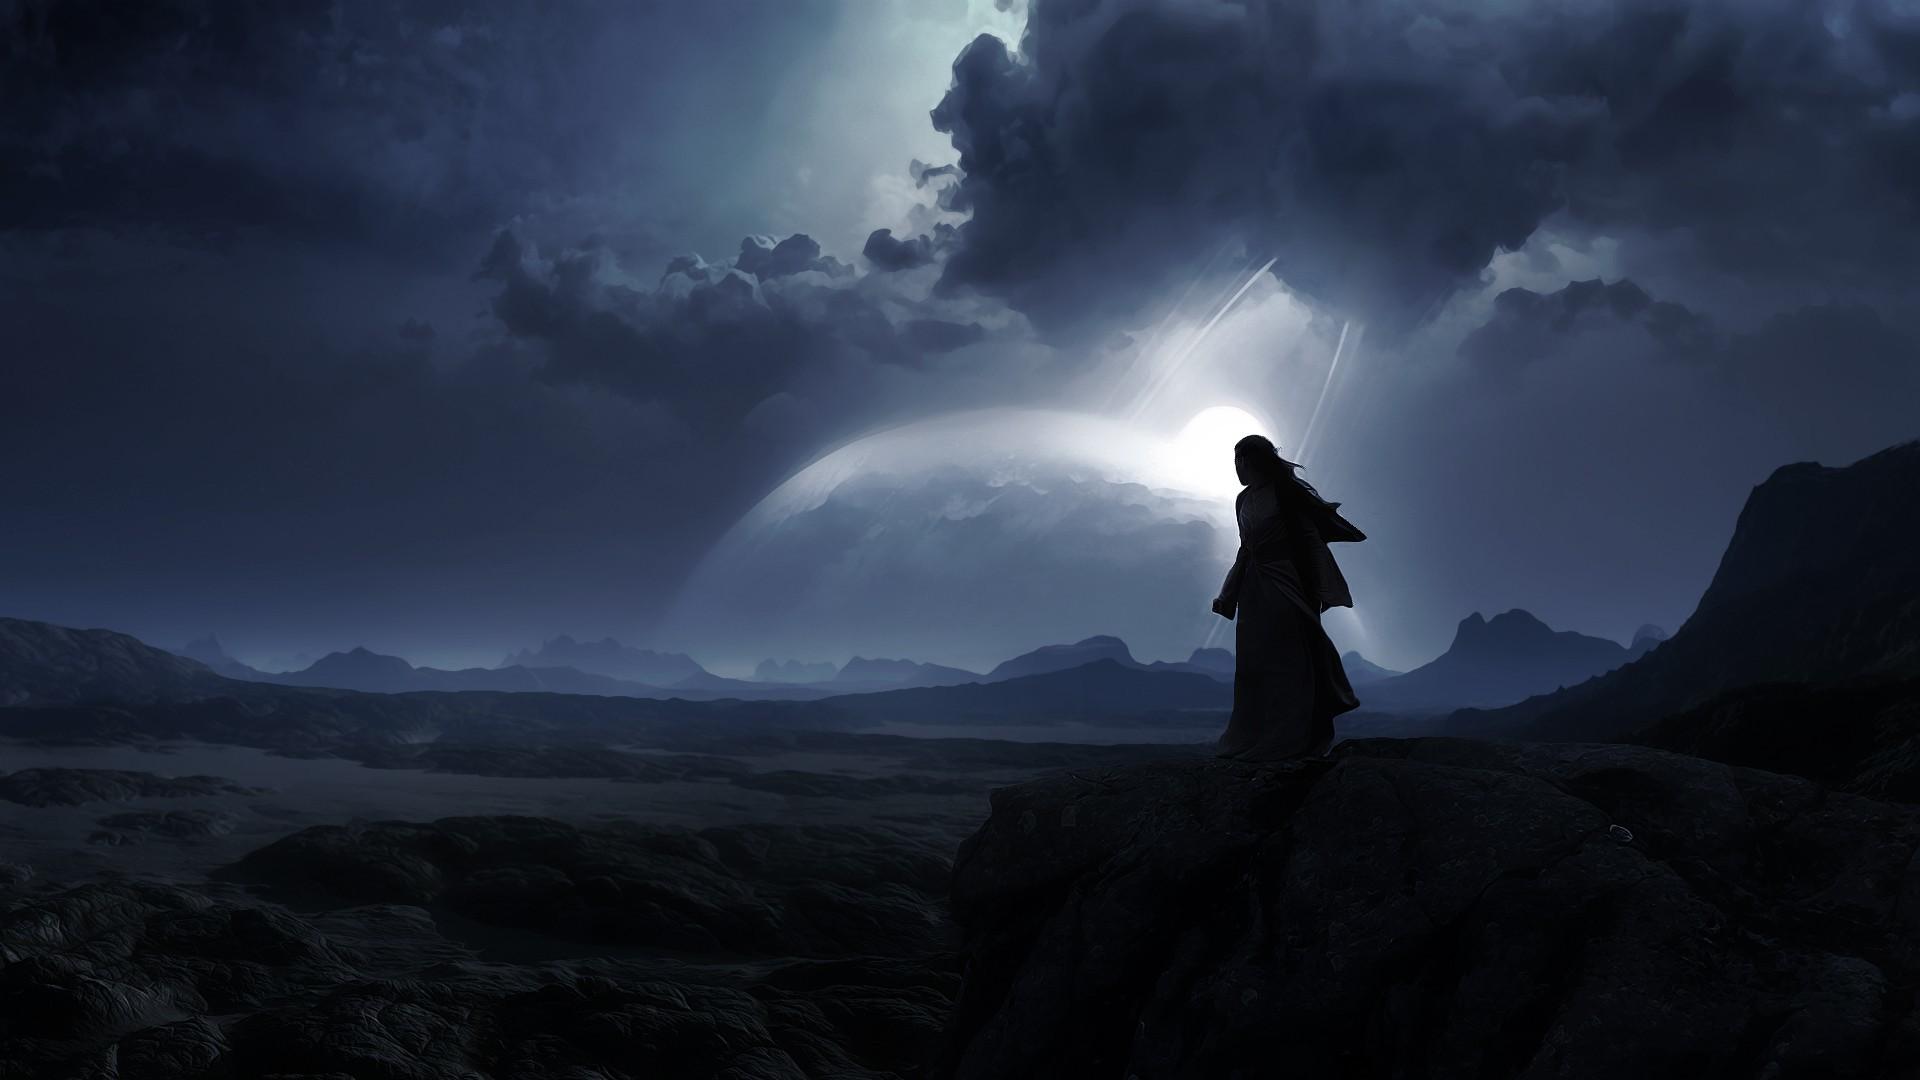 alien planet landscape photo – 2